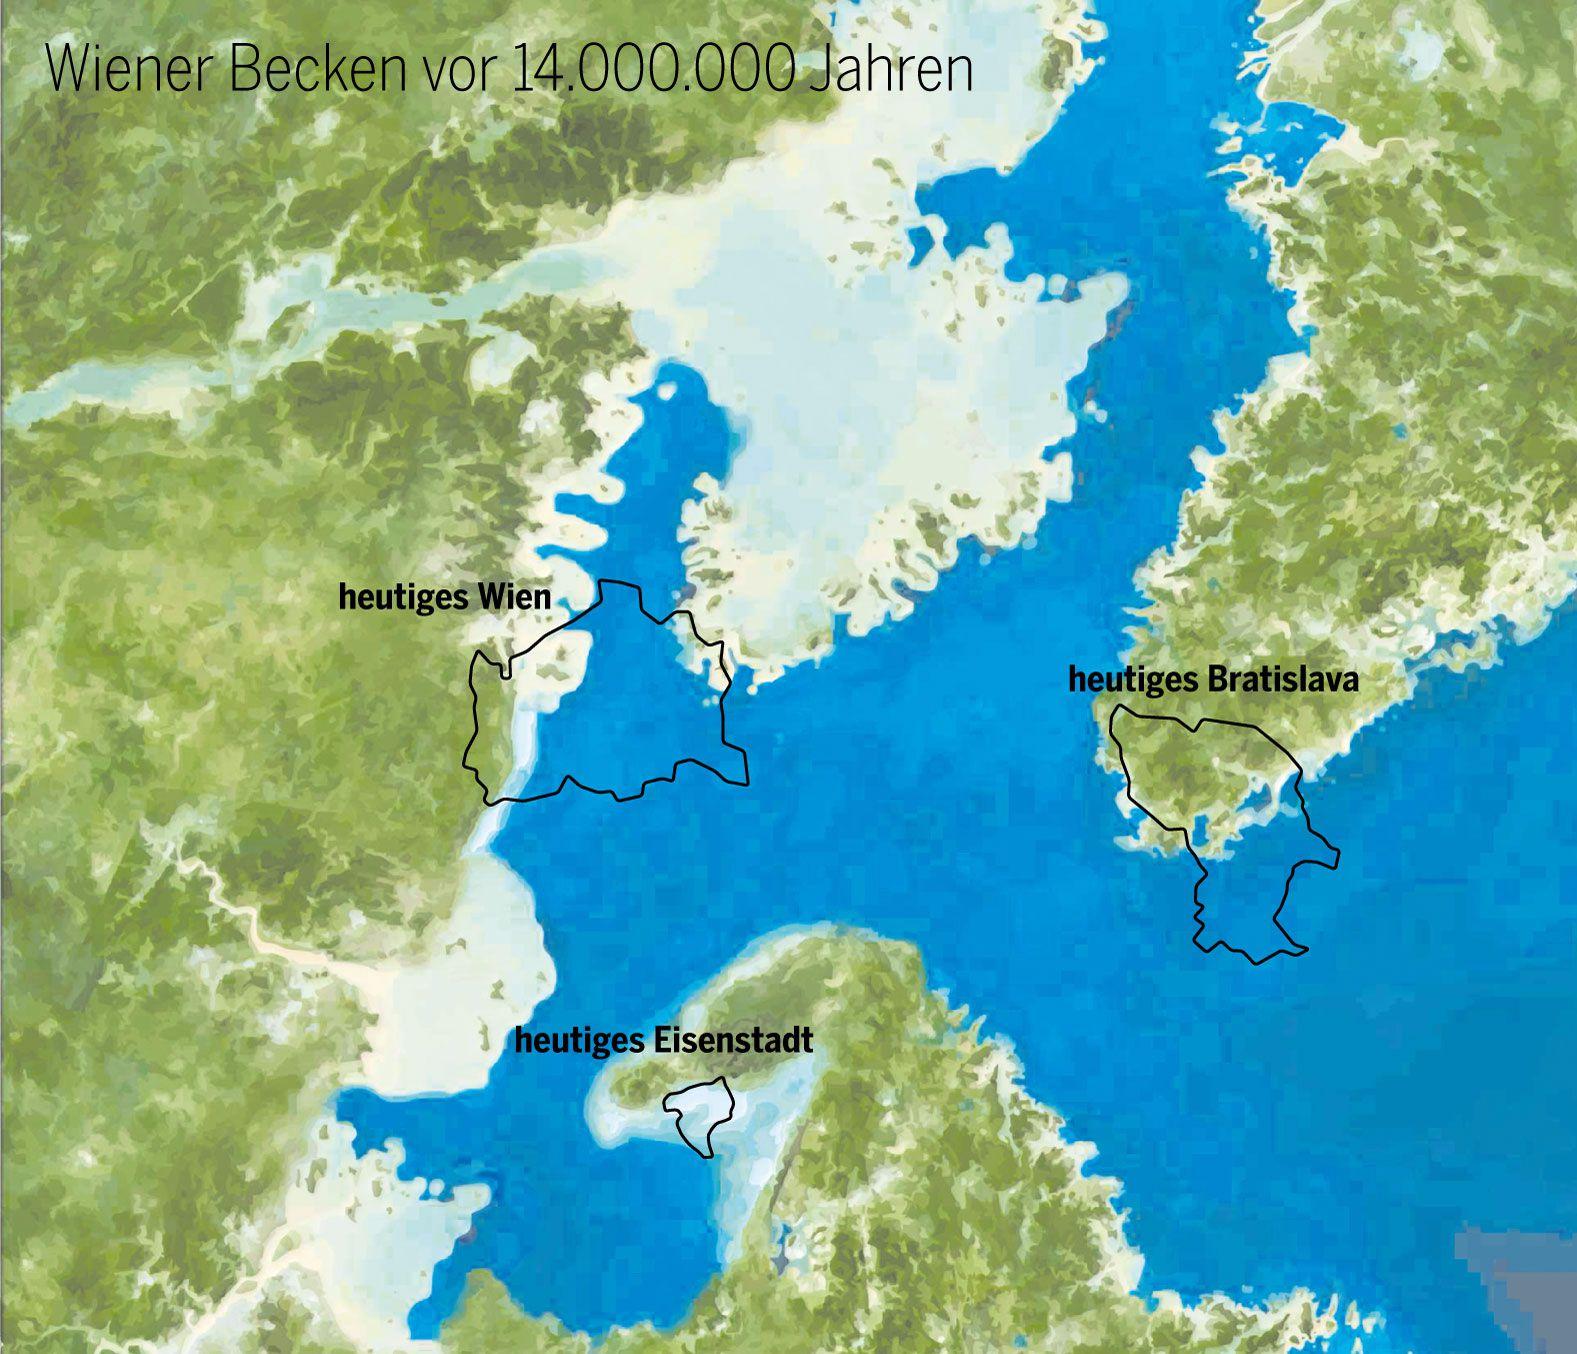 Das Wiener Becken vor 14.000.000 Jahren.